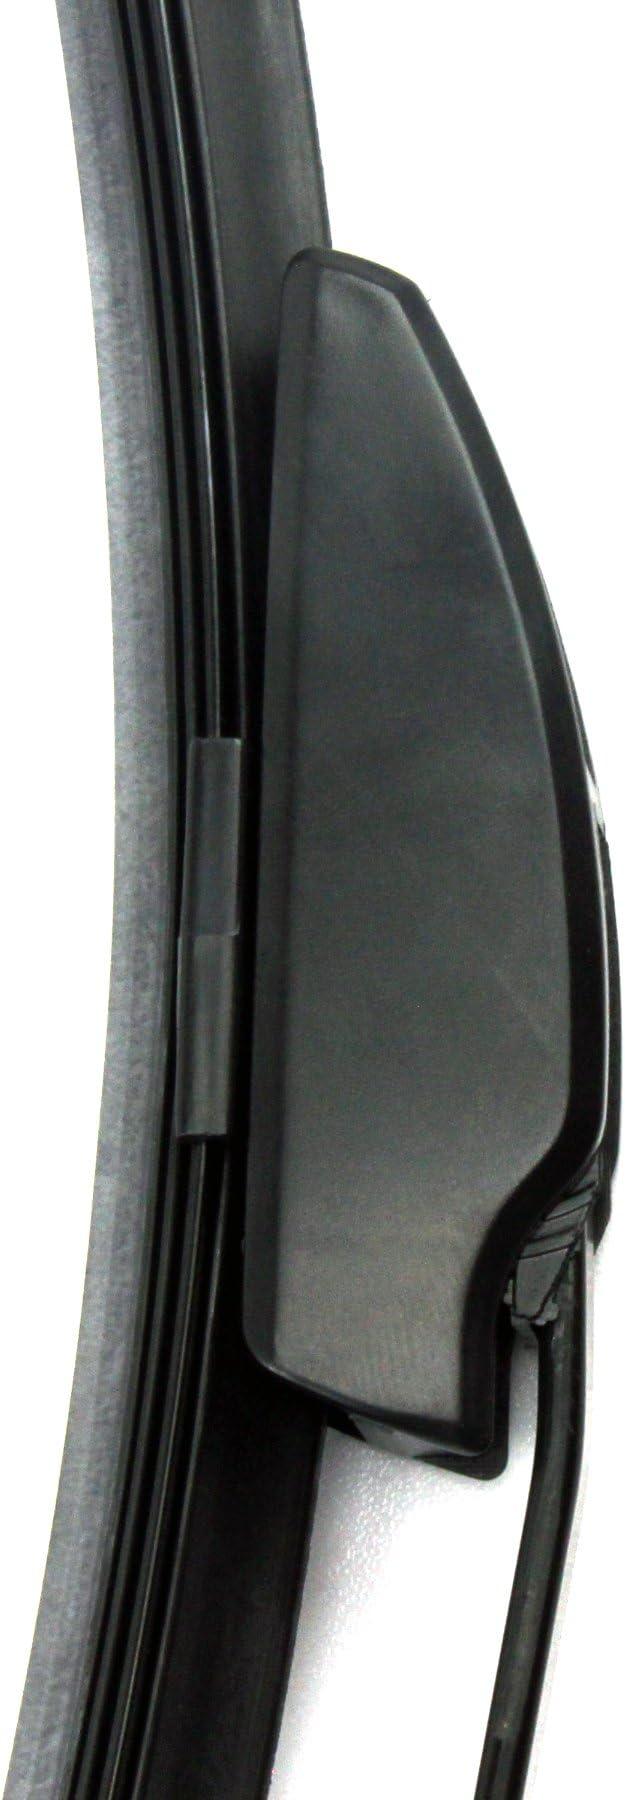 Ar605s 3397007504 Bosch Aerotwin Ar 605 S Scheibenwischer Flachbalken Wischblatt Satz Nachrüstungsset Bosch Aerotwin Ar605s Auto